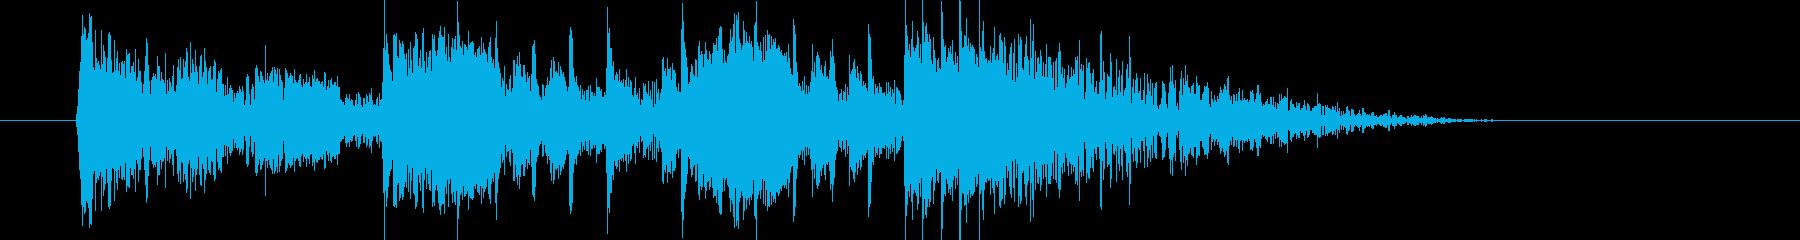 勢いとドキドキ感のサイレンシンセサウンドの再生済みの波形